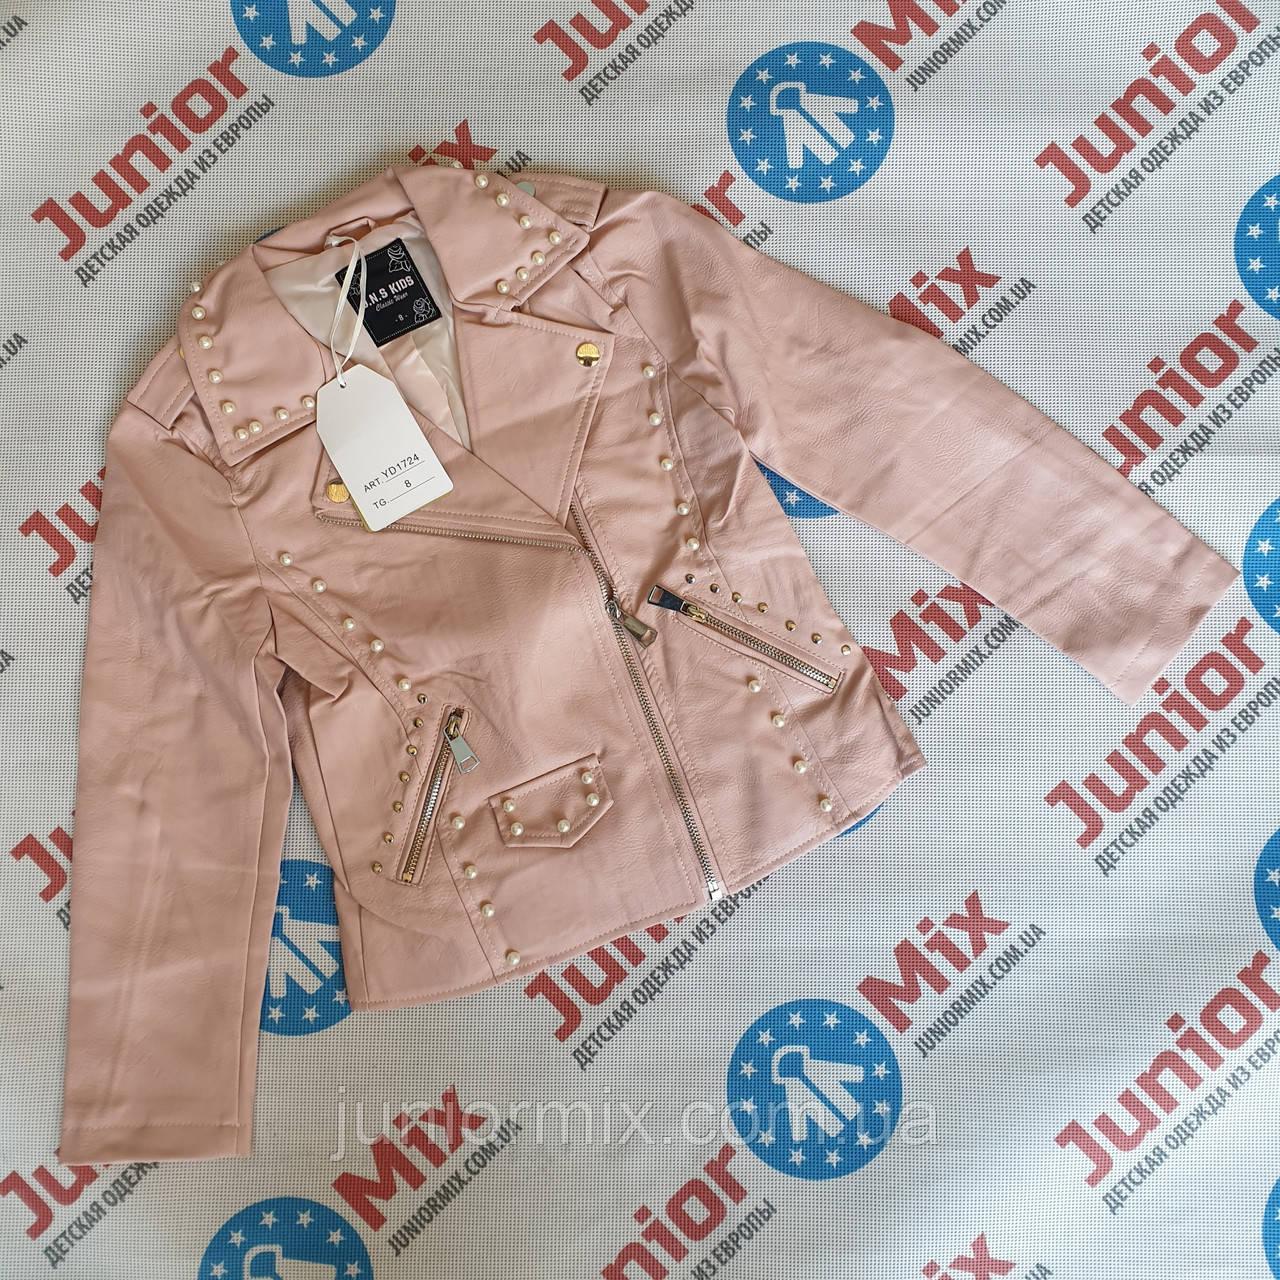 Подростковая куртка весенняя на девочку из кожзам оптом J.N.S.KIDS